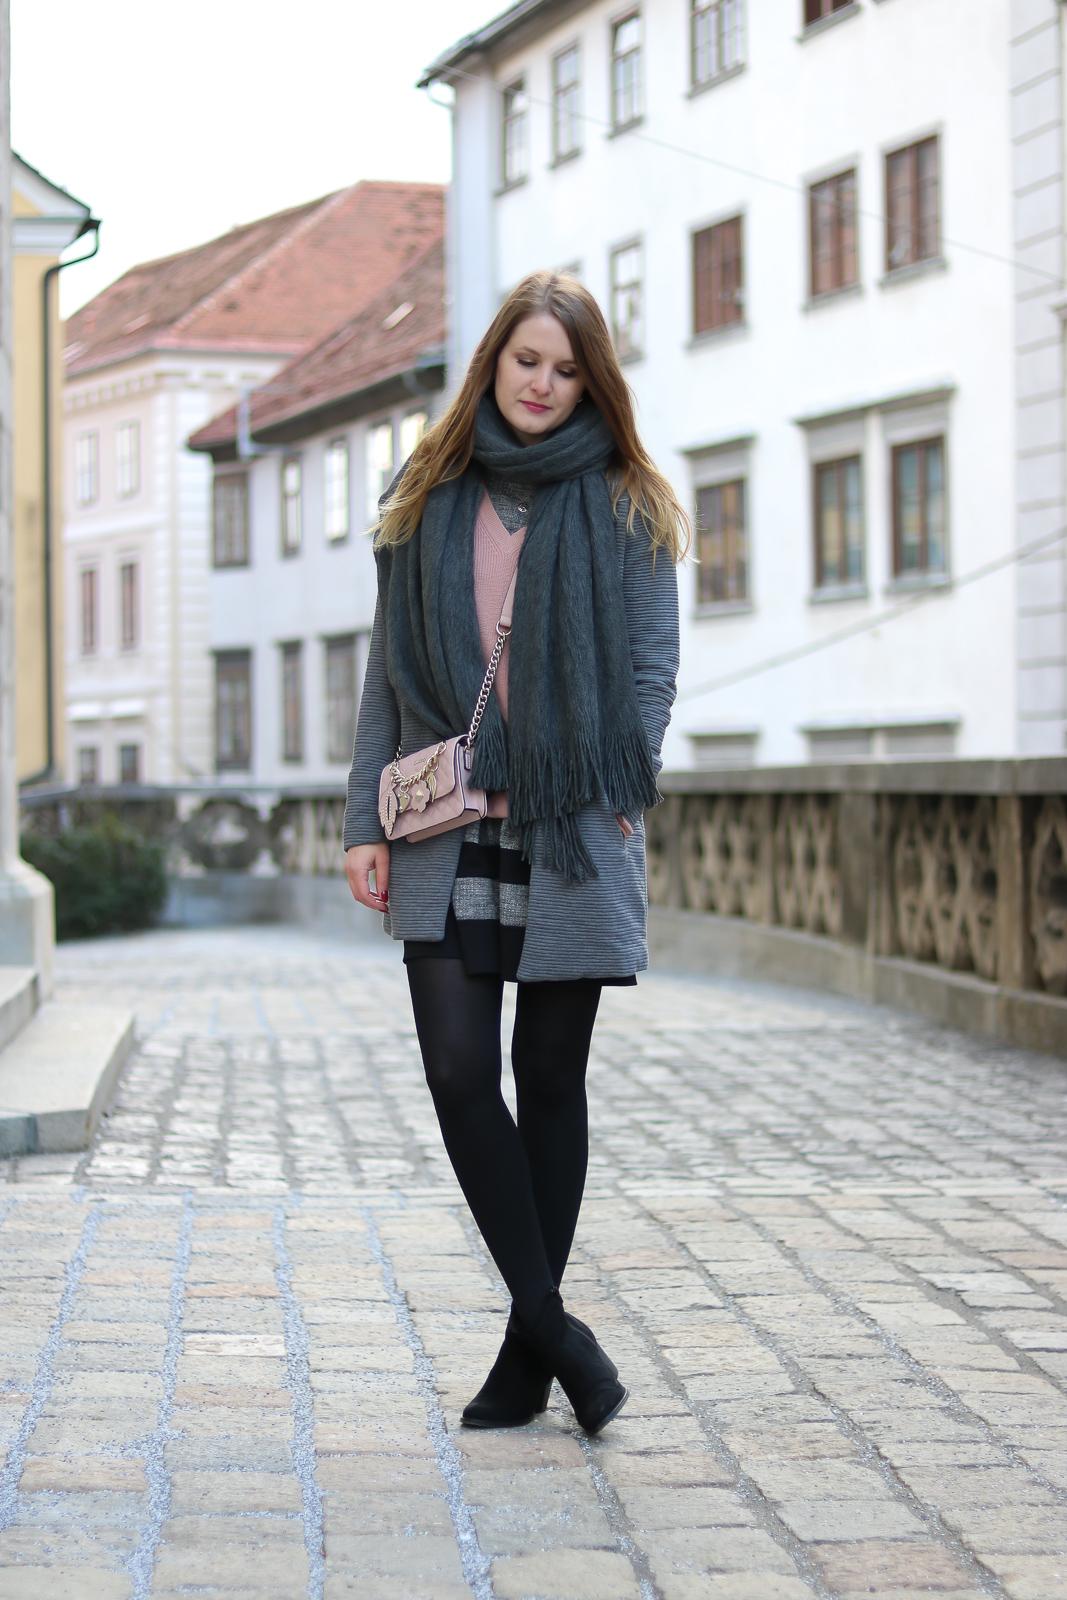 kleider winterlich stylen - mit diesen tricks gelingt es dir